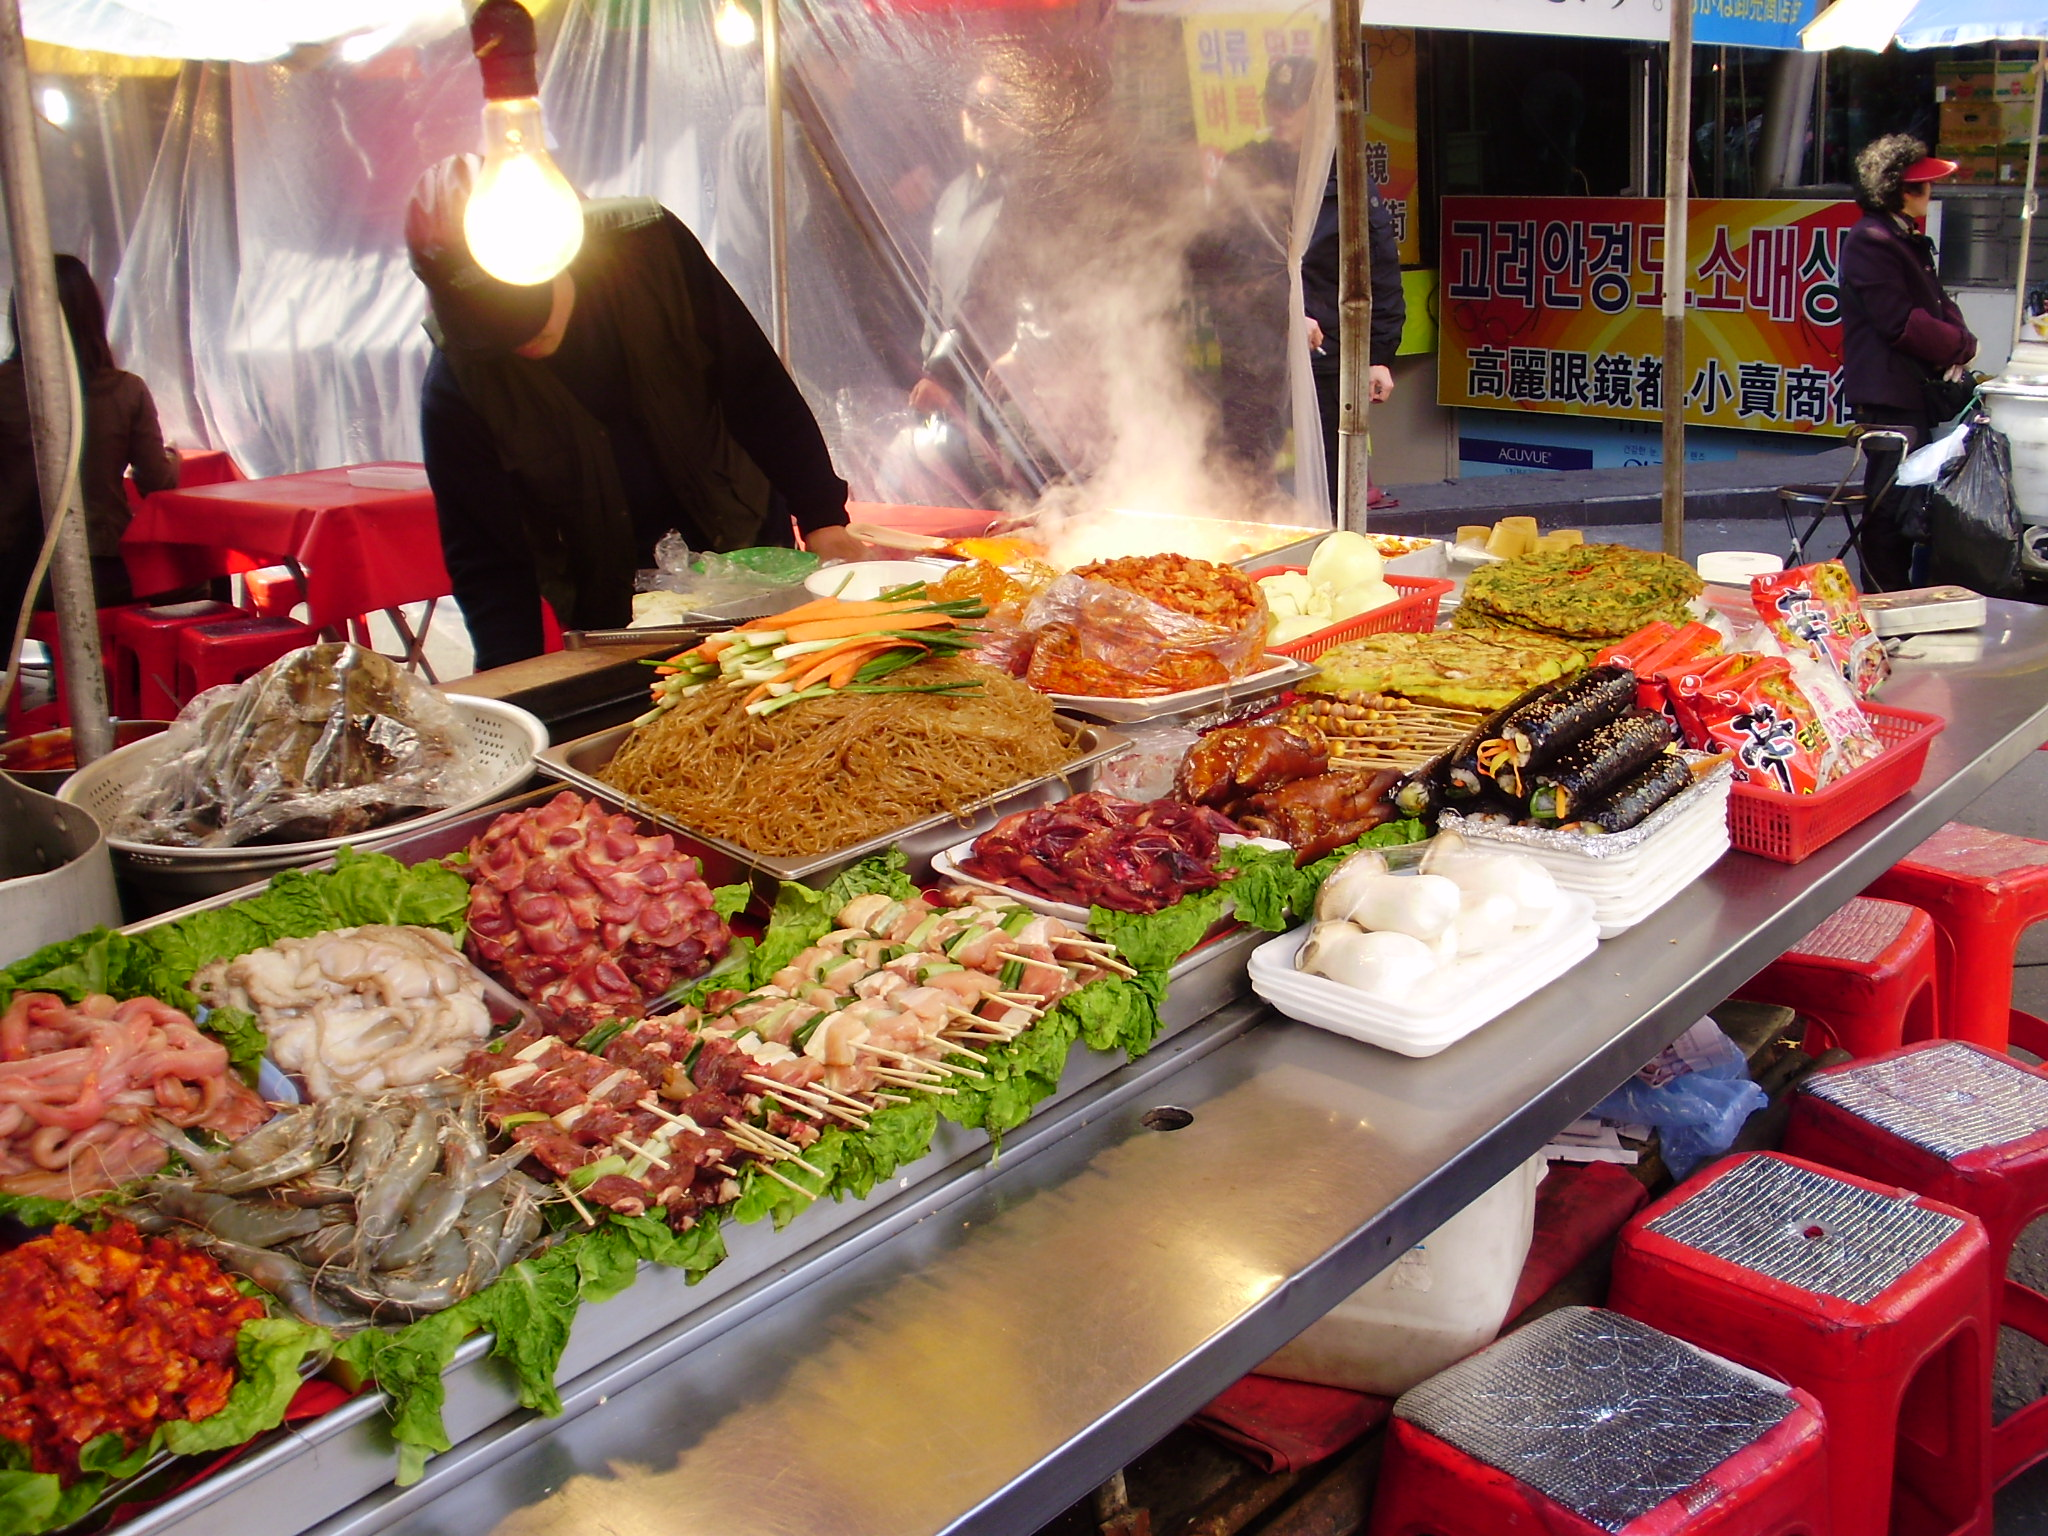 韓国のグルメ情報!食べ歩きも人気でおすすめ!屋台も楽しい!